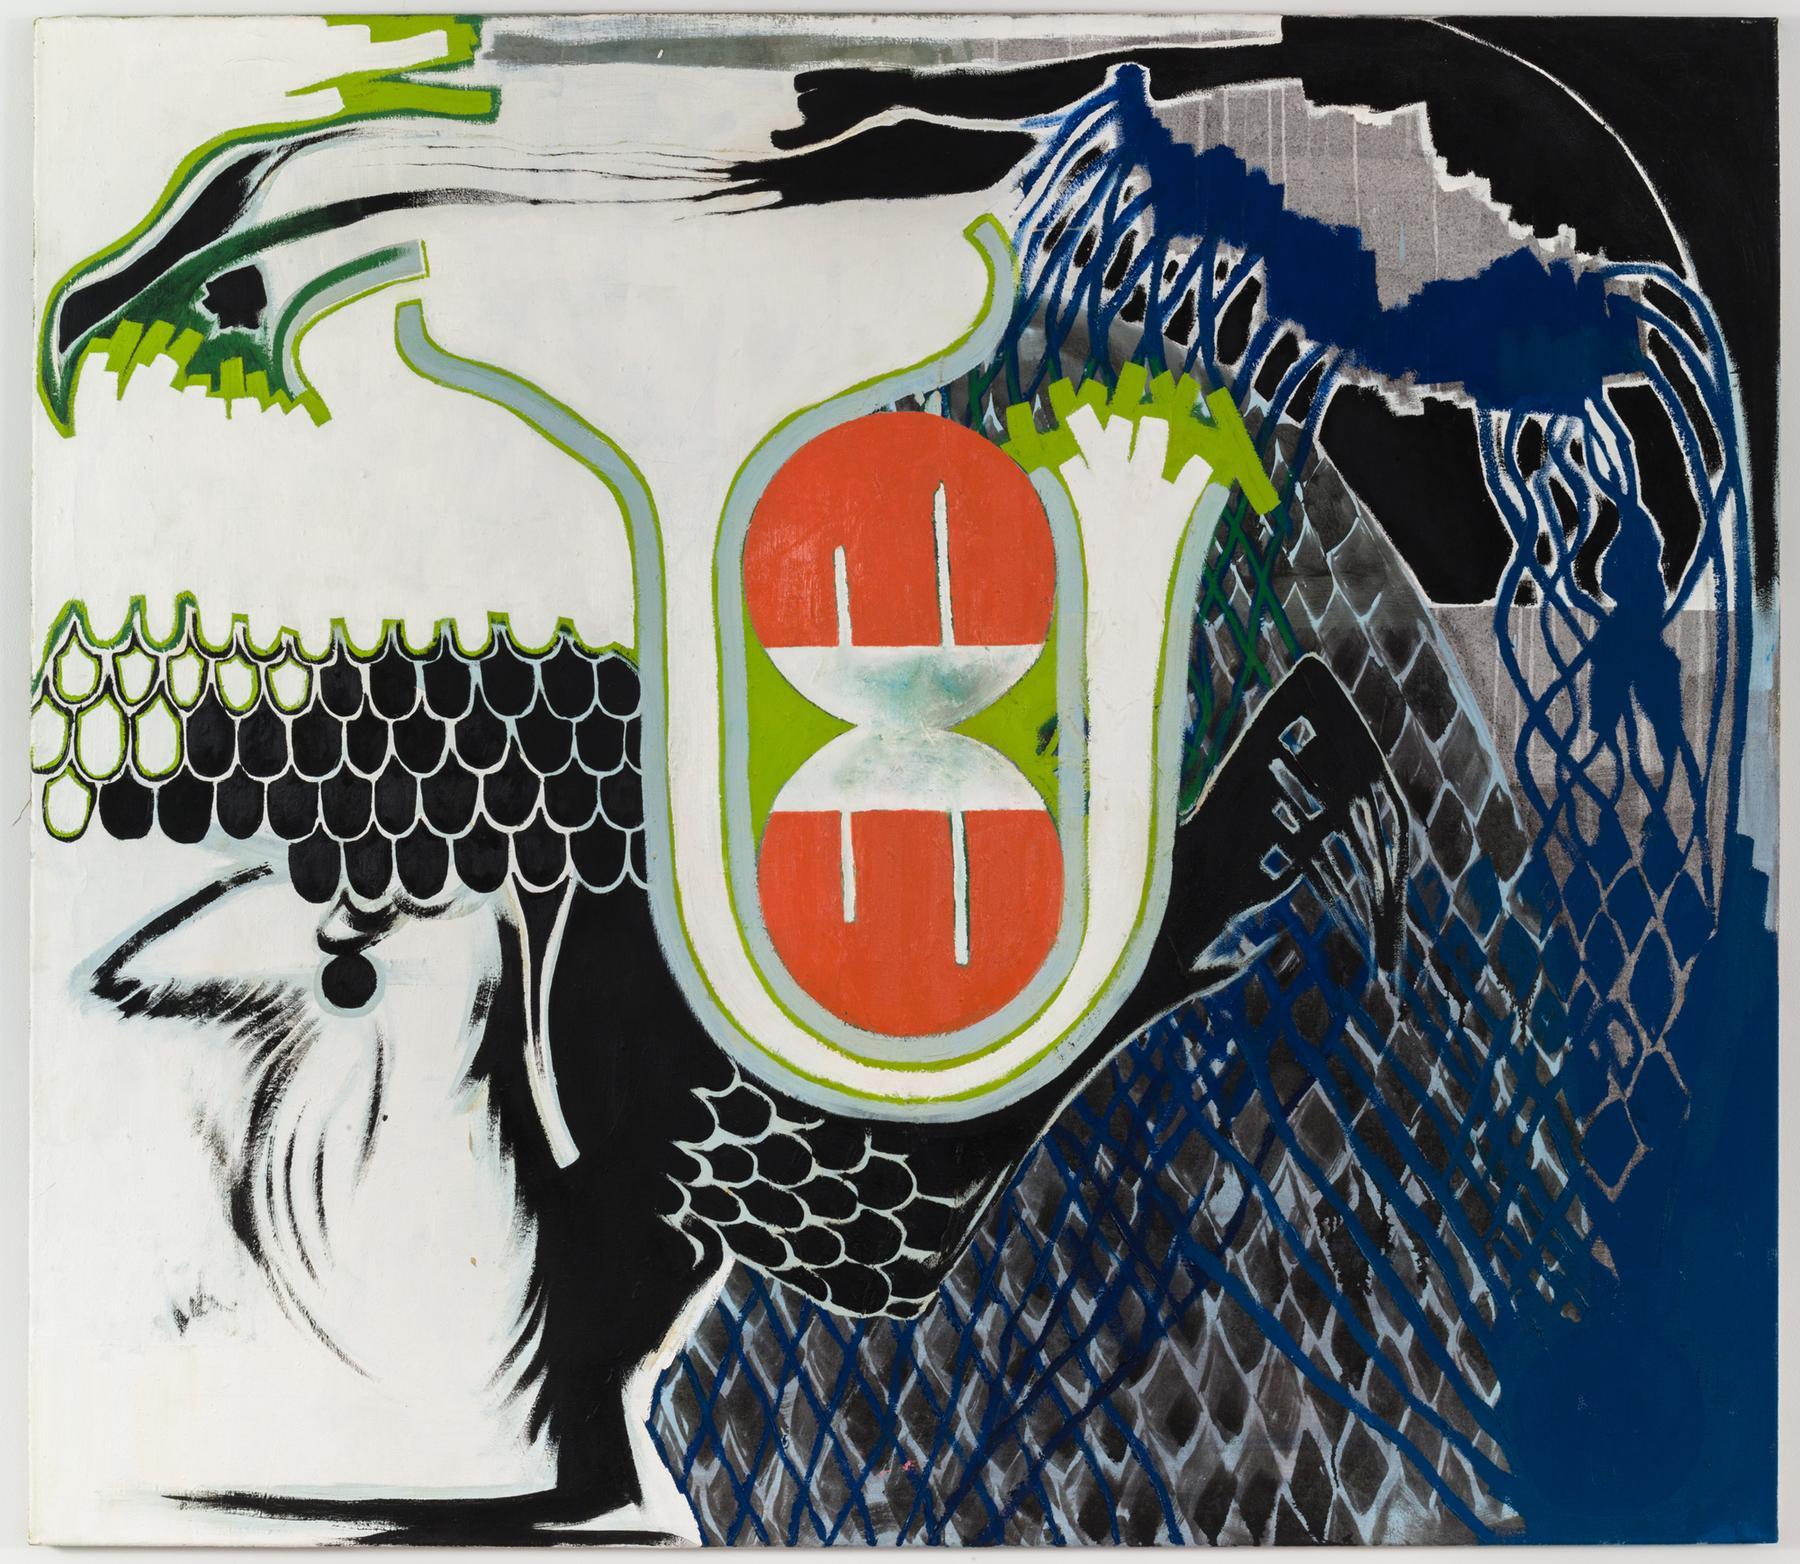 Charline von Heyl Untitled (11/93, I) 1993